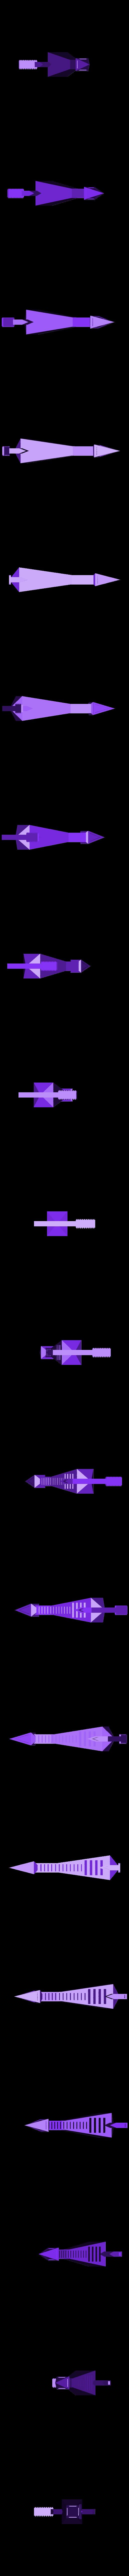 Vr 2.0 middle tower.stl Download free STL file Mechanical Desktop SD-Card Holder • 3D printable model, LittleTup